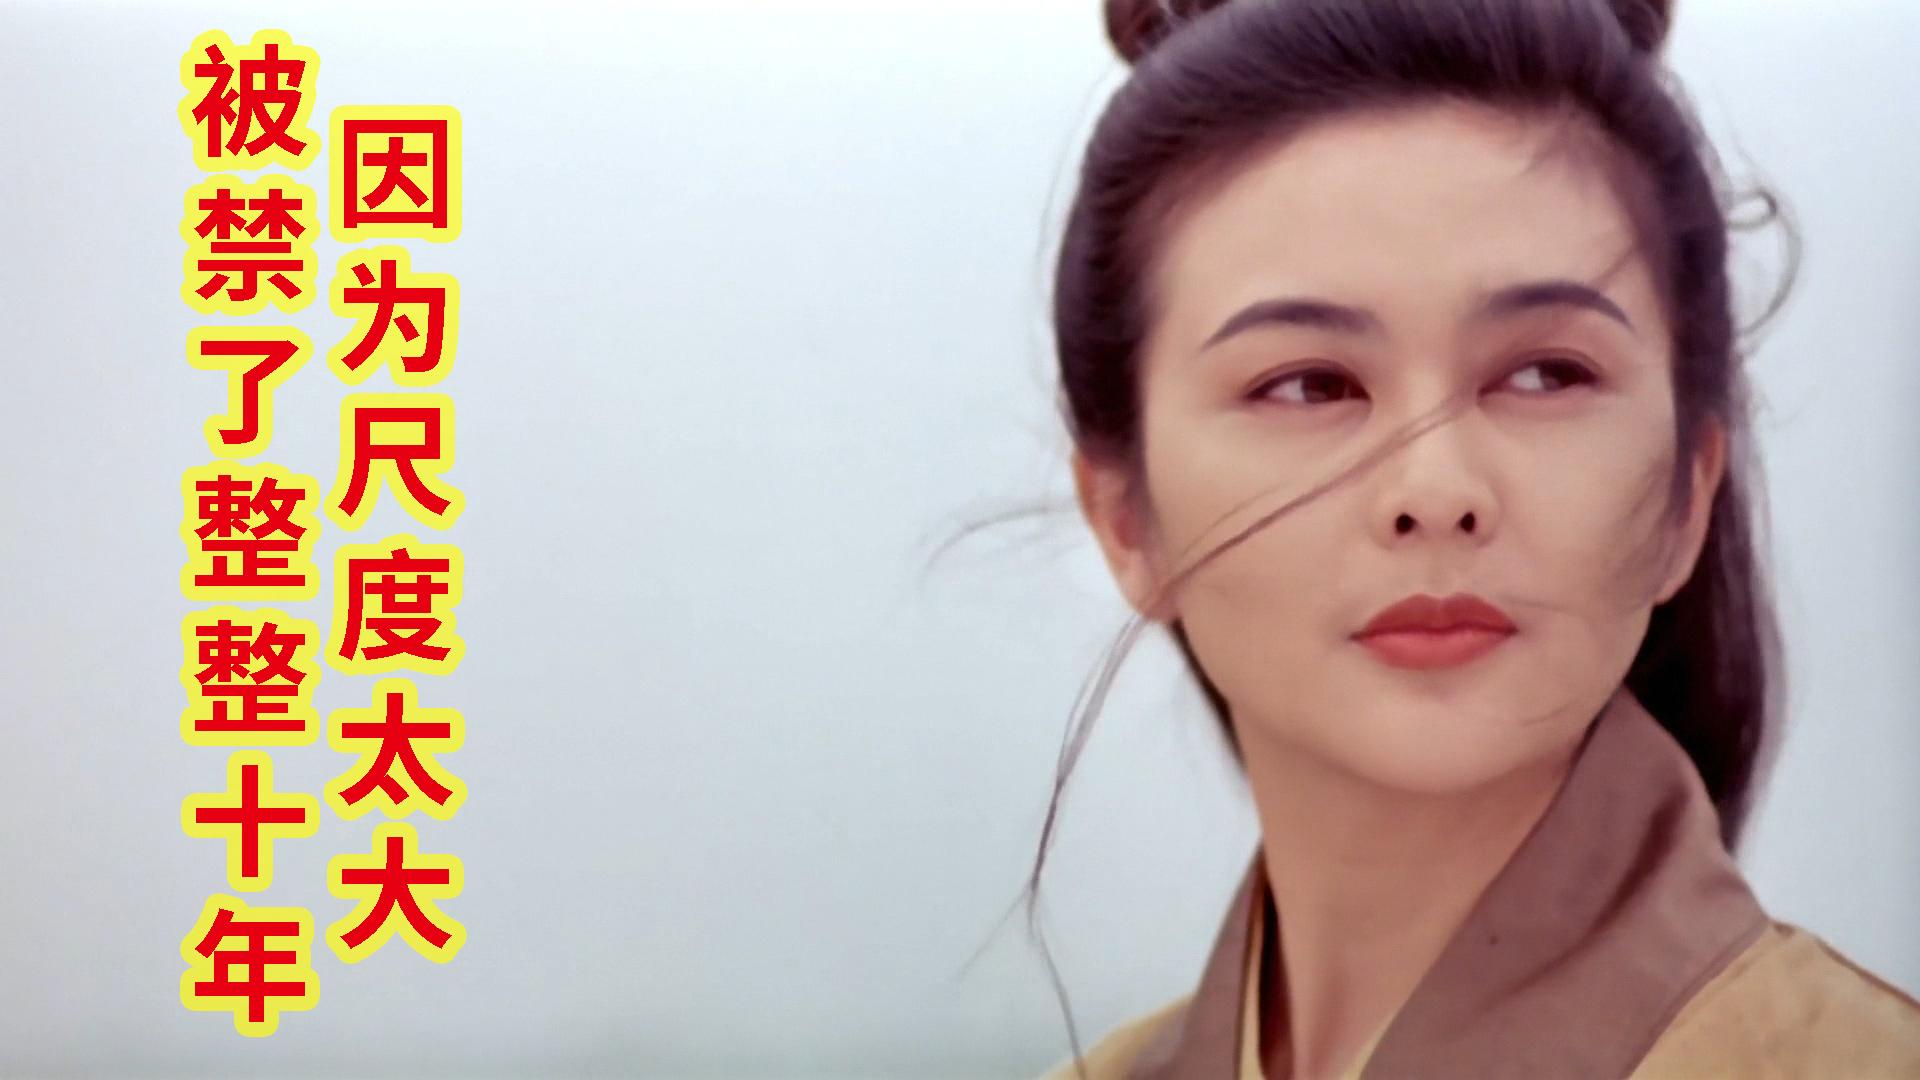 一部被禁了十年的武侠电影,到底有何神奇之处?就连香港都把它下架了。关之琳颜值巅峰